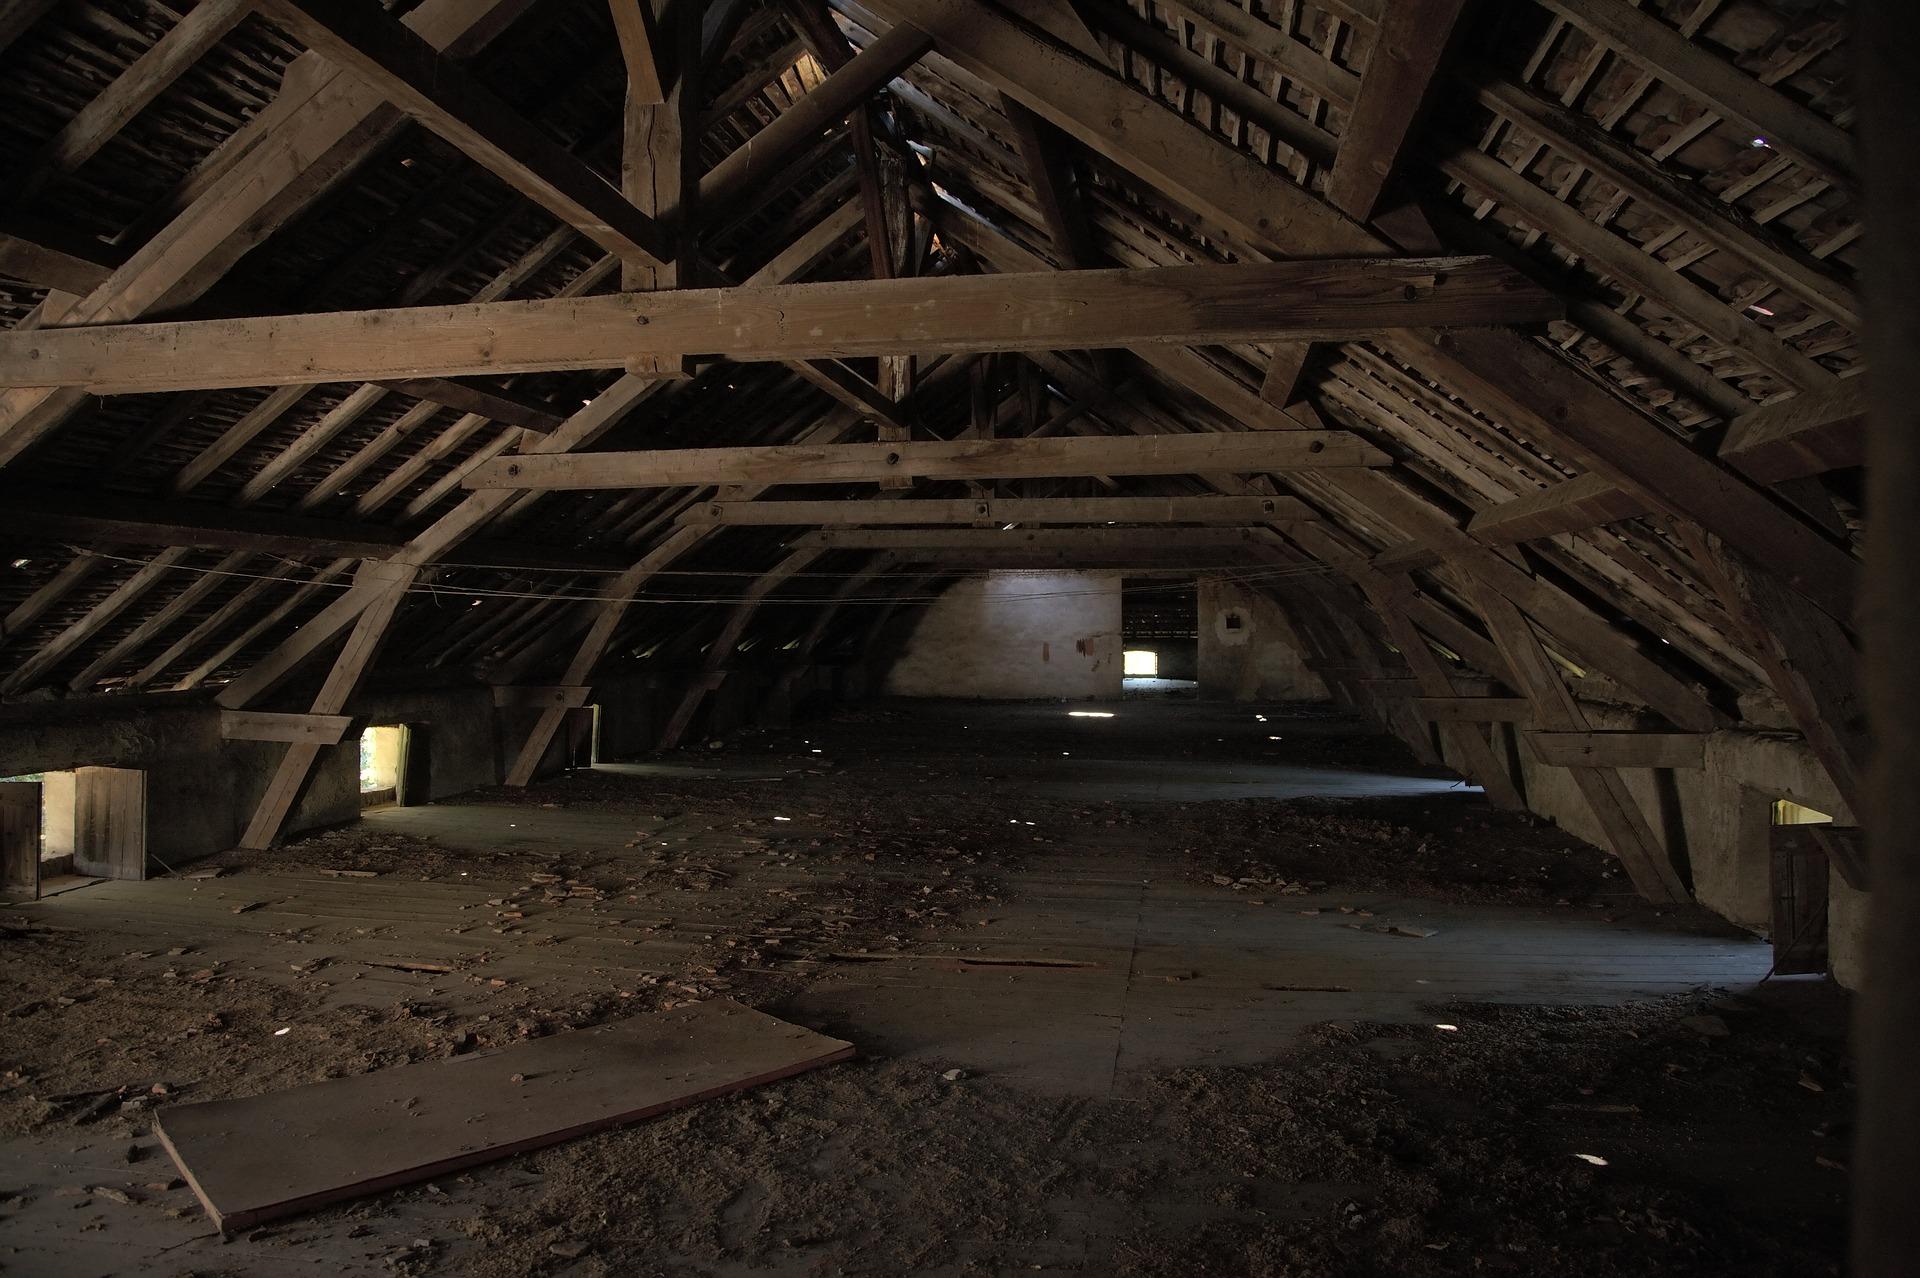 attic-1772705_1920